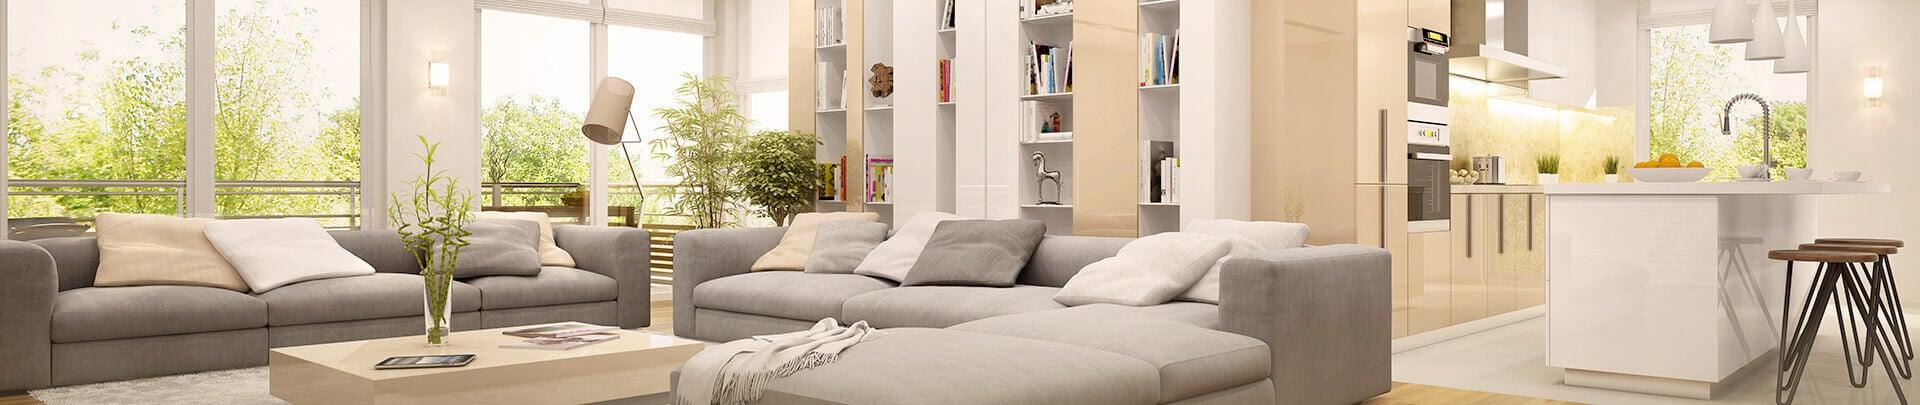 Wohnung Mehrfamilienhaus